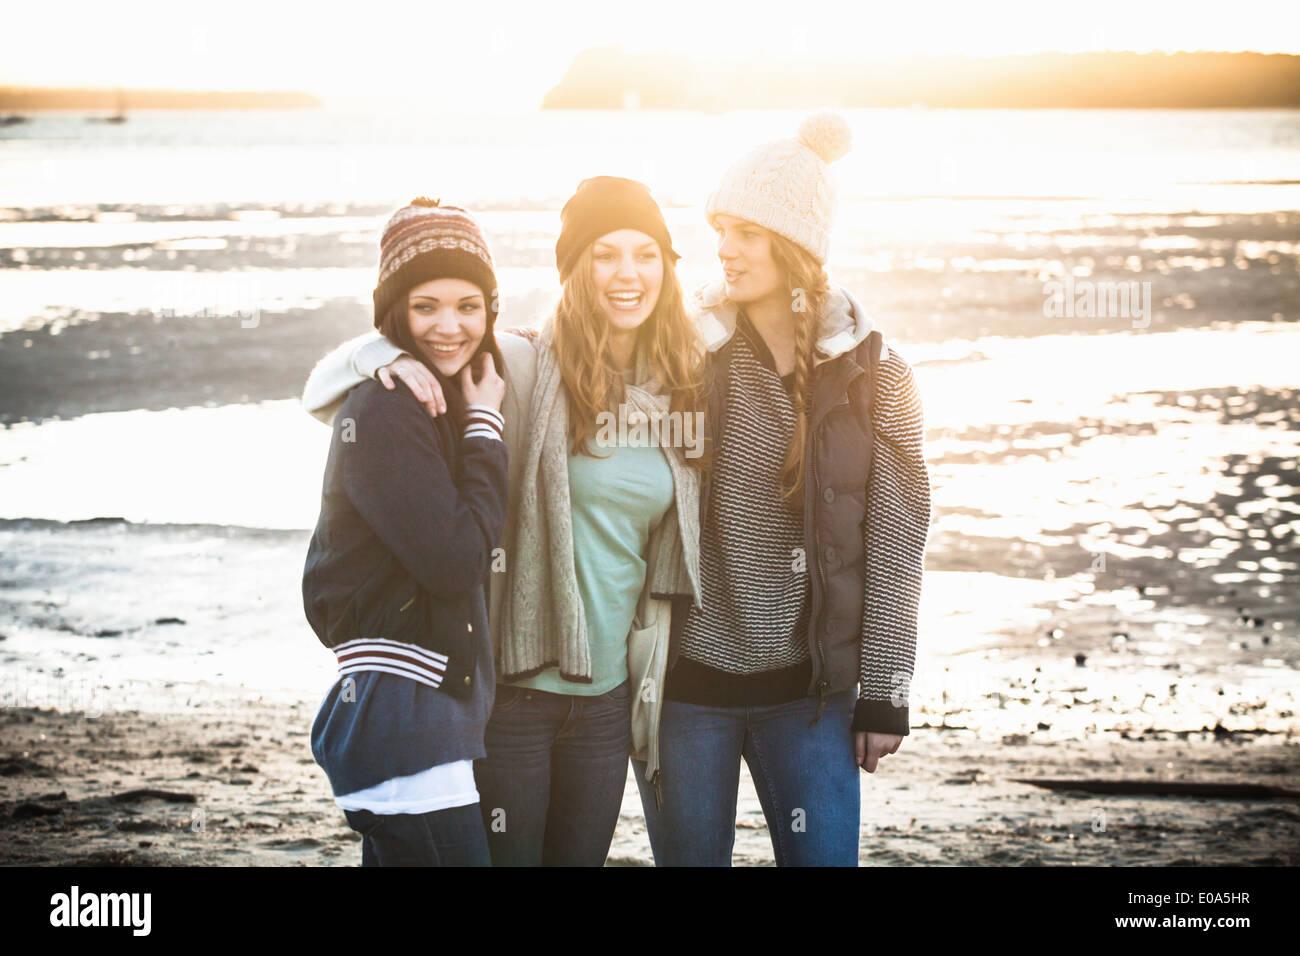 Retrato de tres jóvenes mujeres adultas en la playa Imagen De Stock